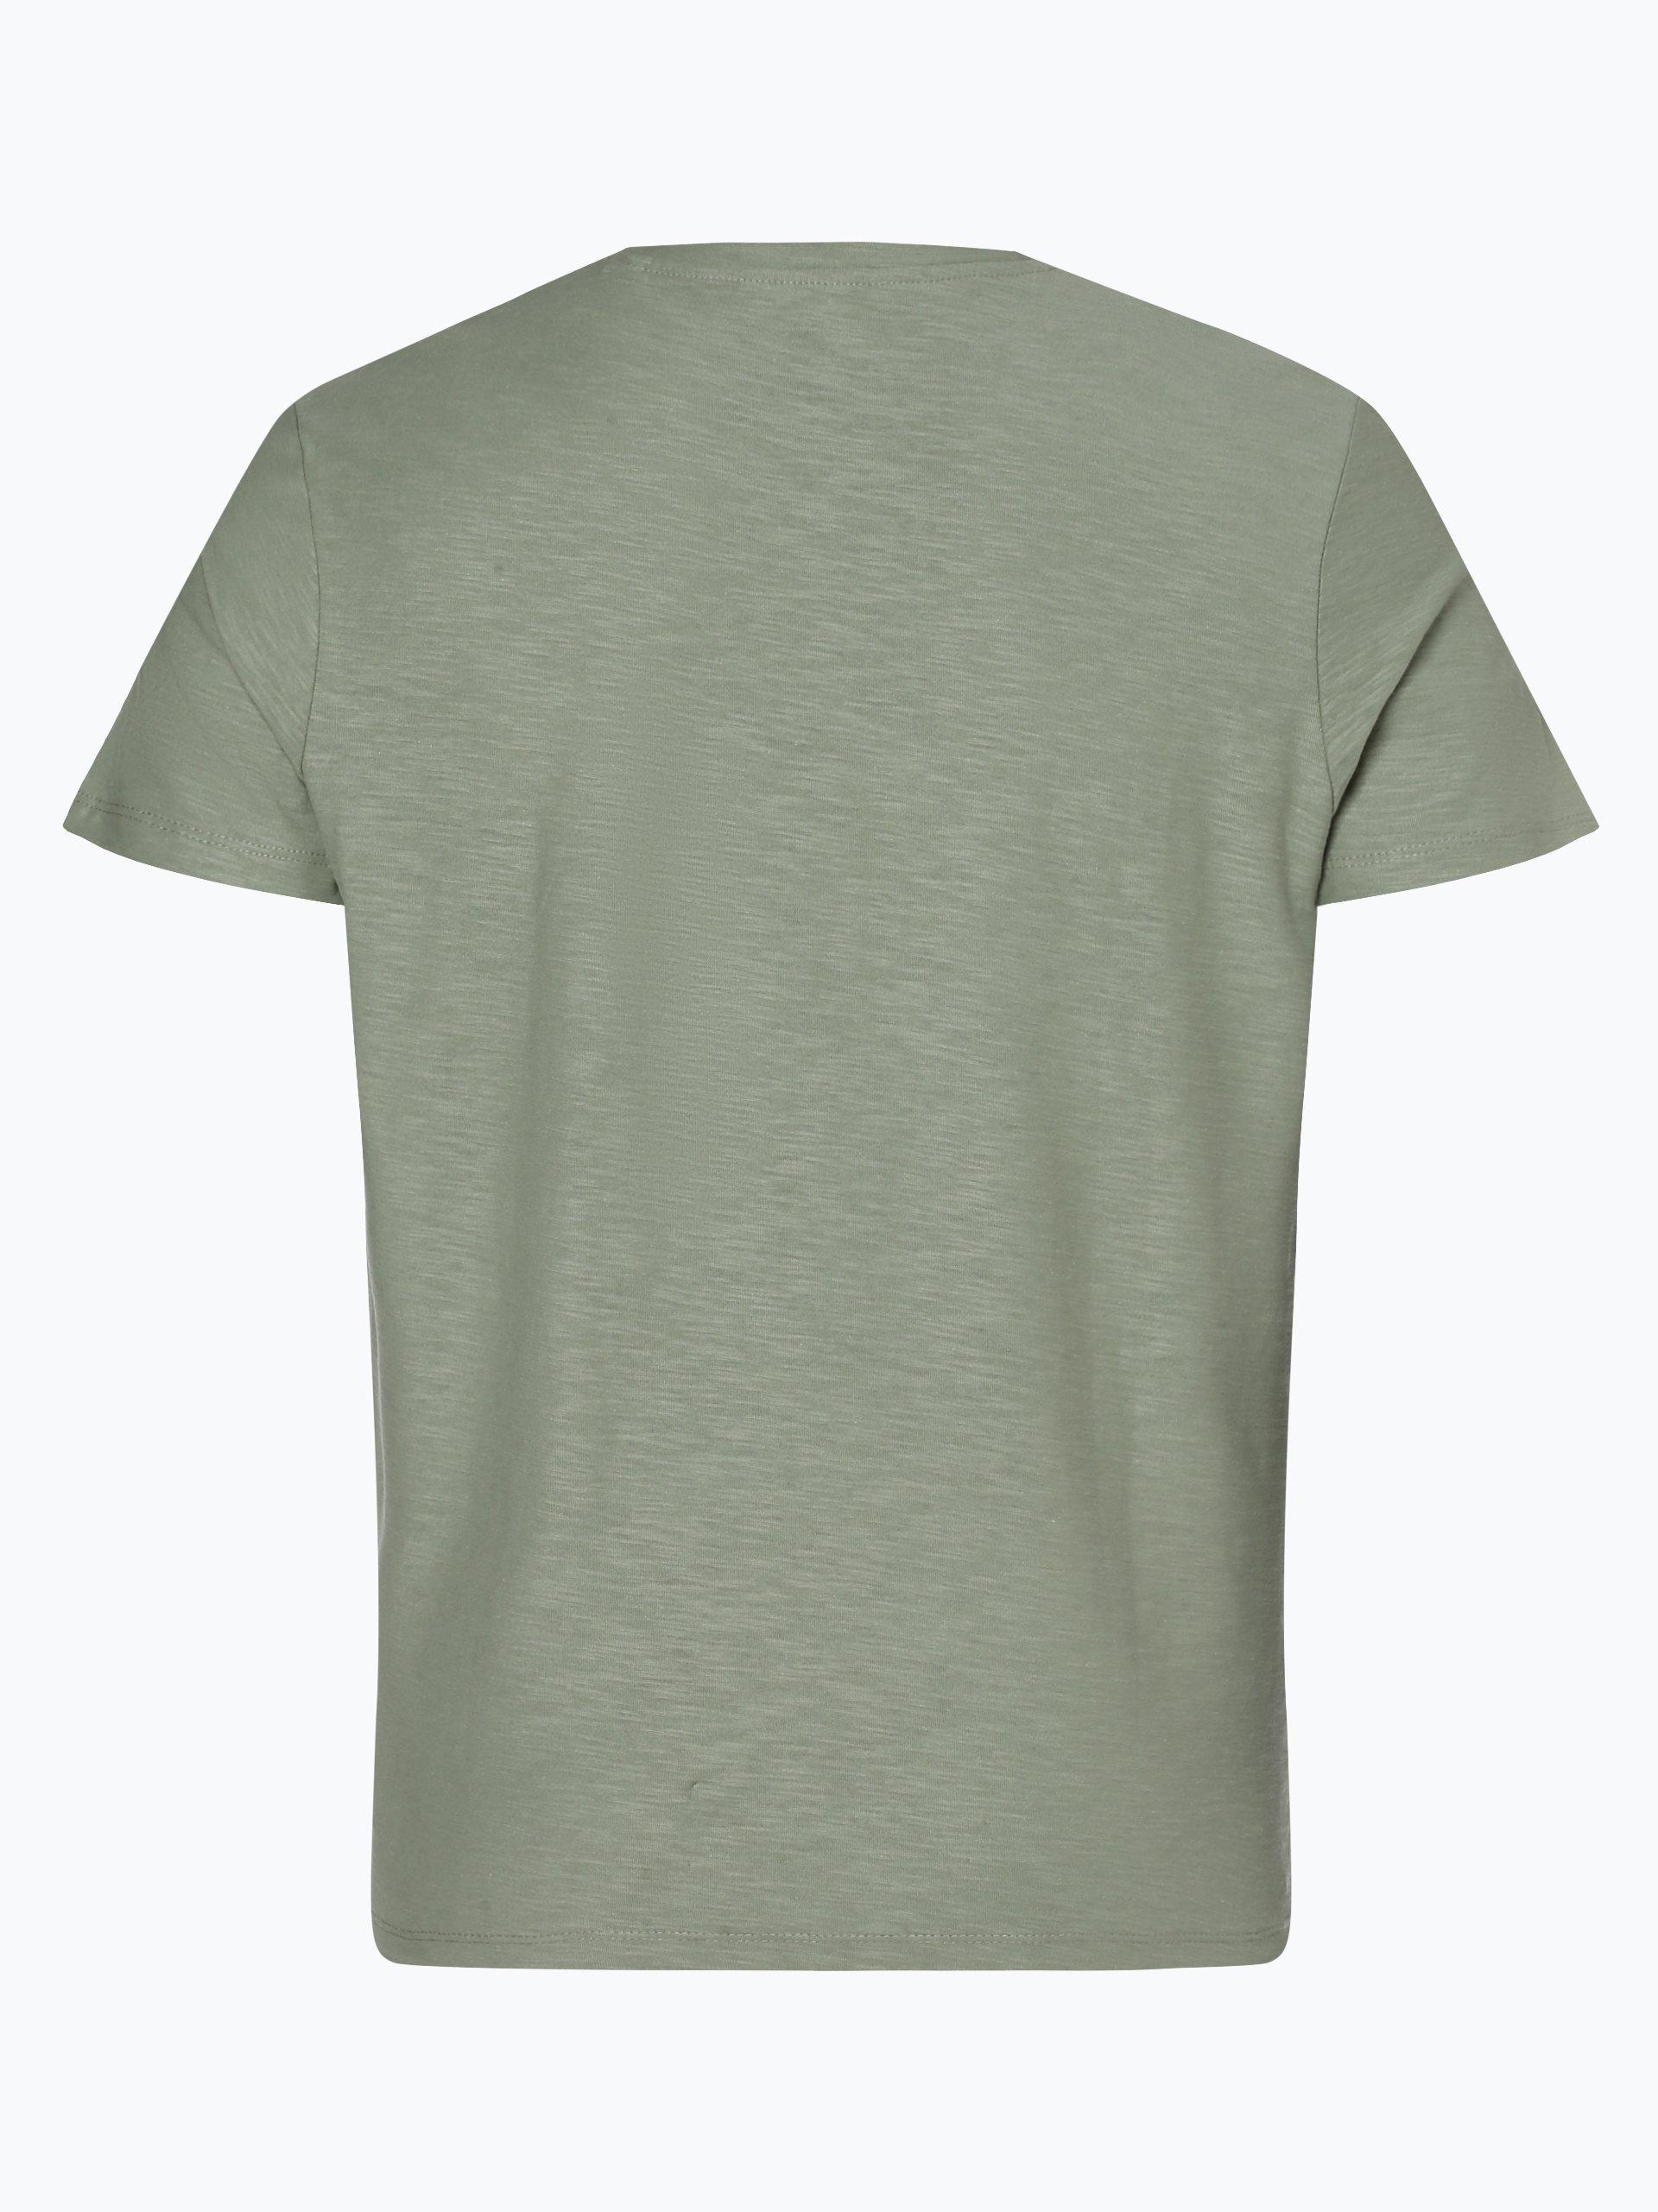 Jack & Jones Herren T-Shirt - Jornewpleo